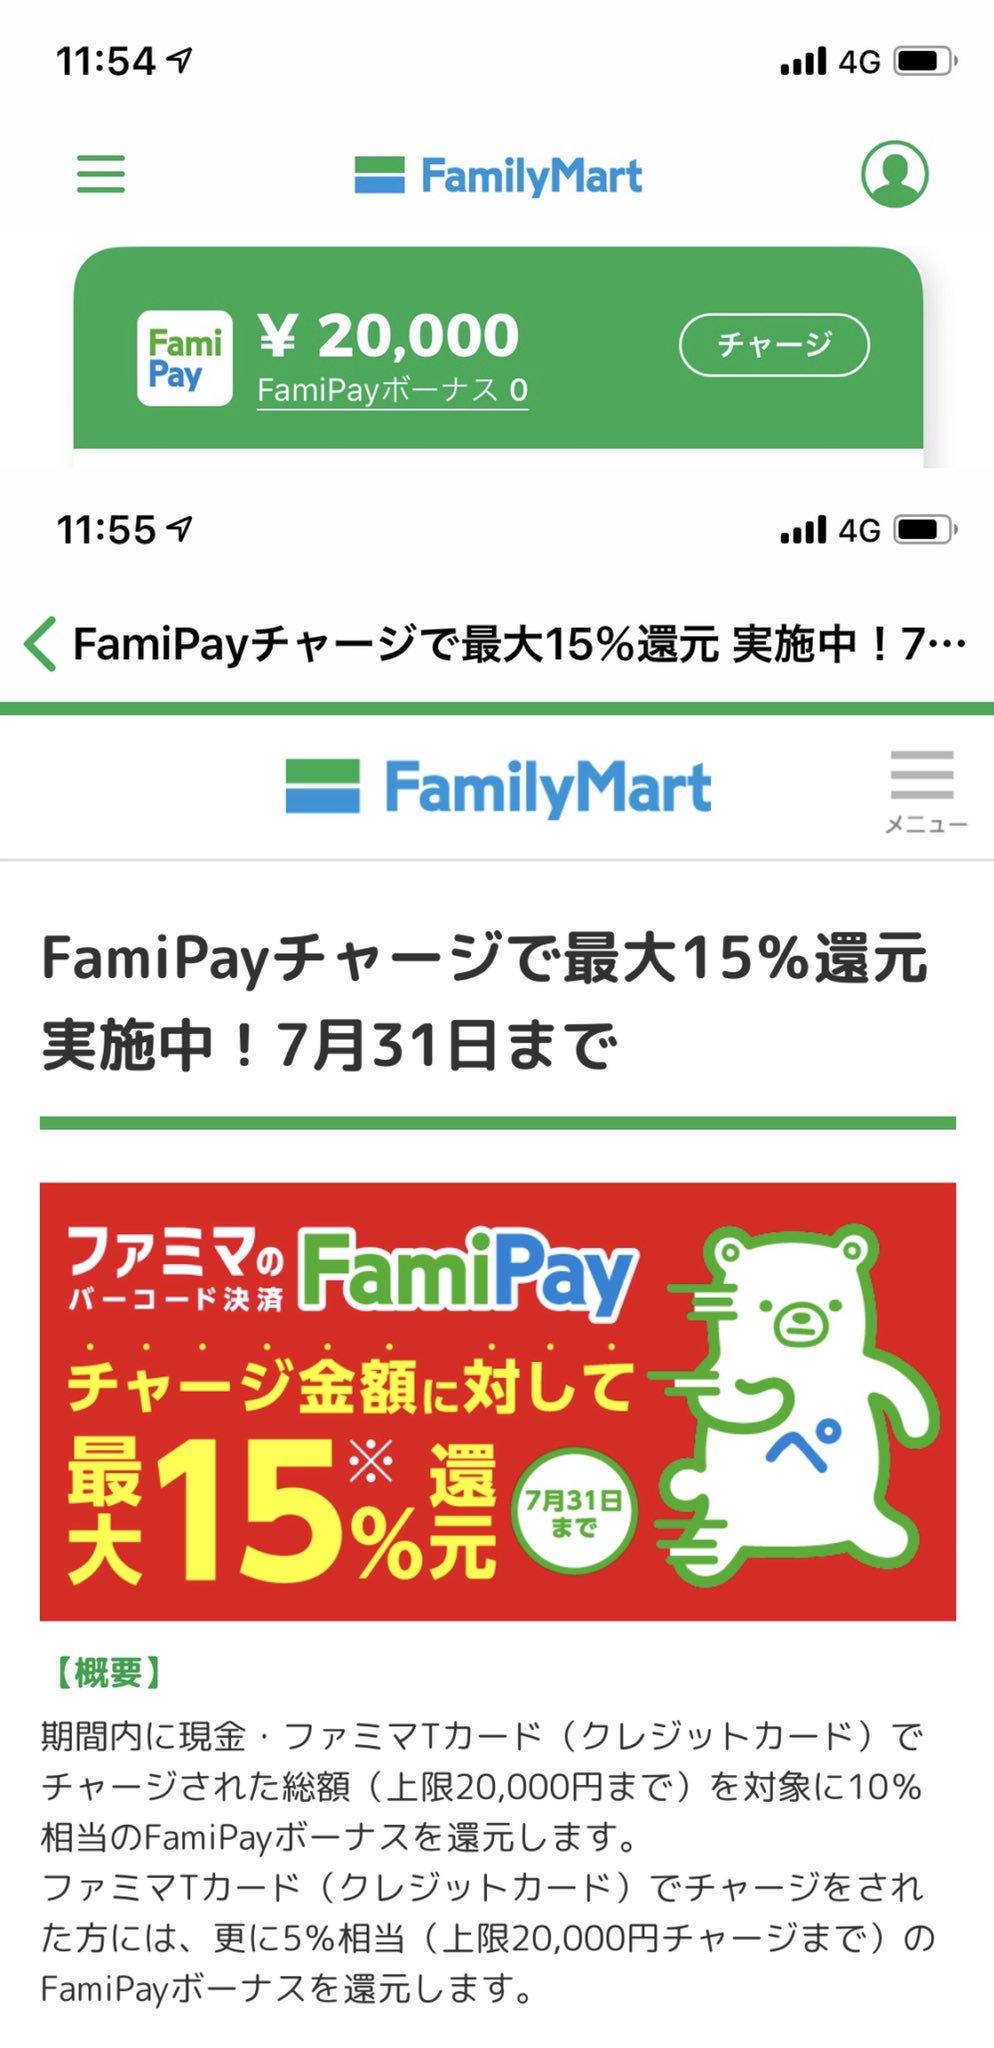 FamiPay 還元最大金額の20000円をチャージした(∩´∀`)∩ https://t.co/qoLJyk9vBP